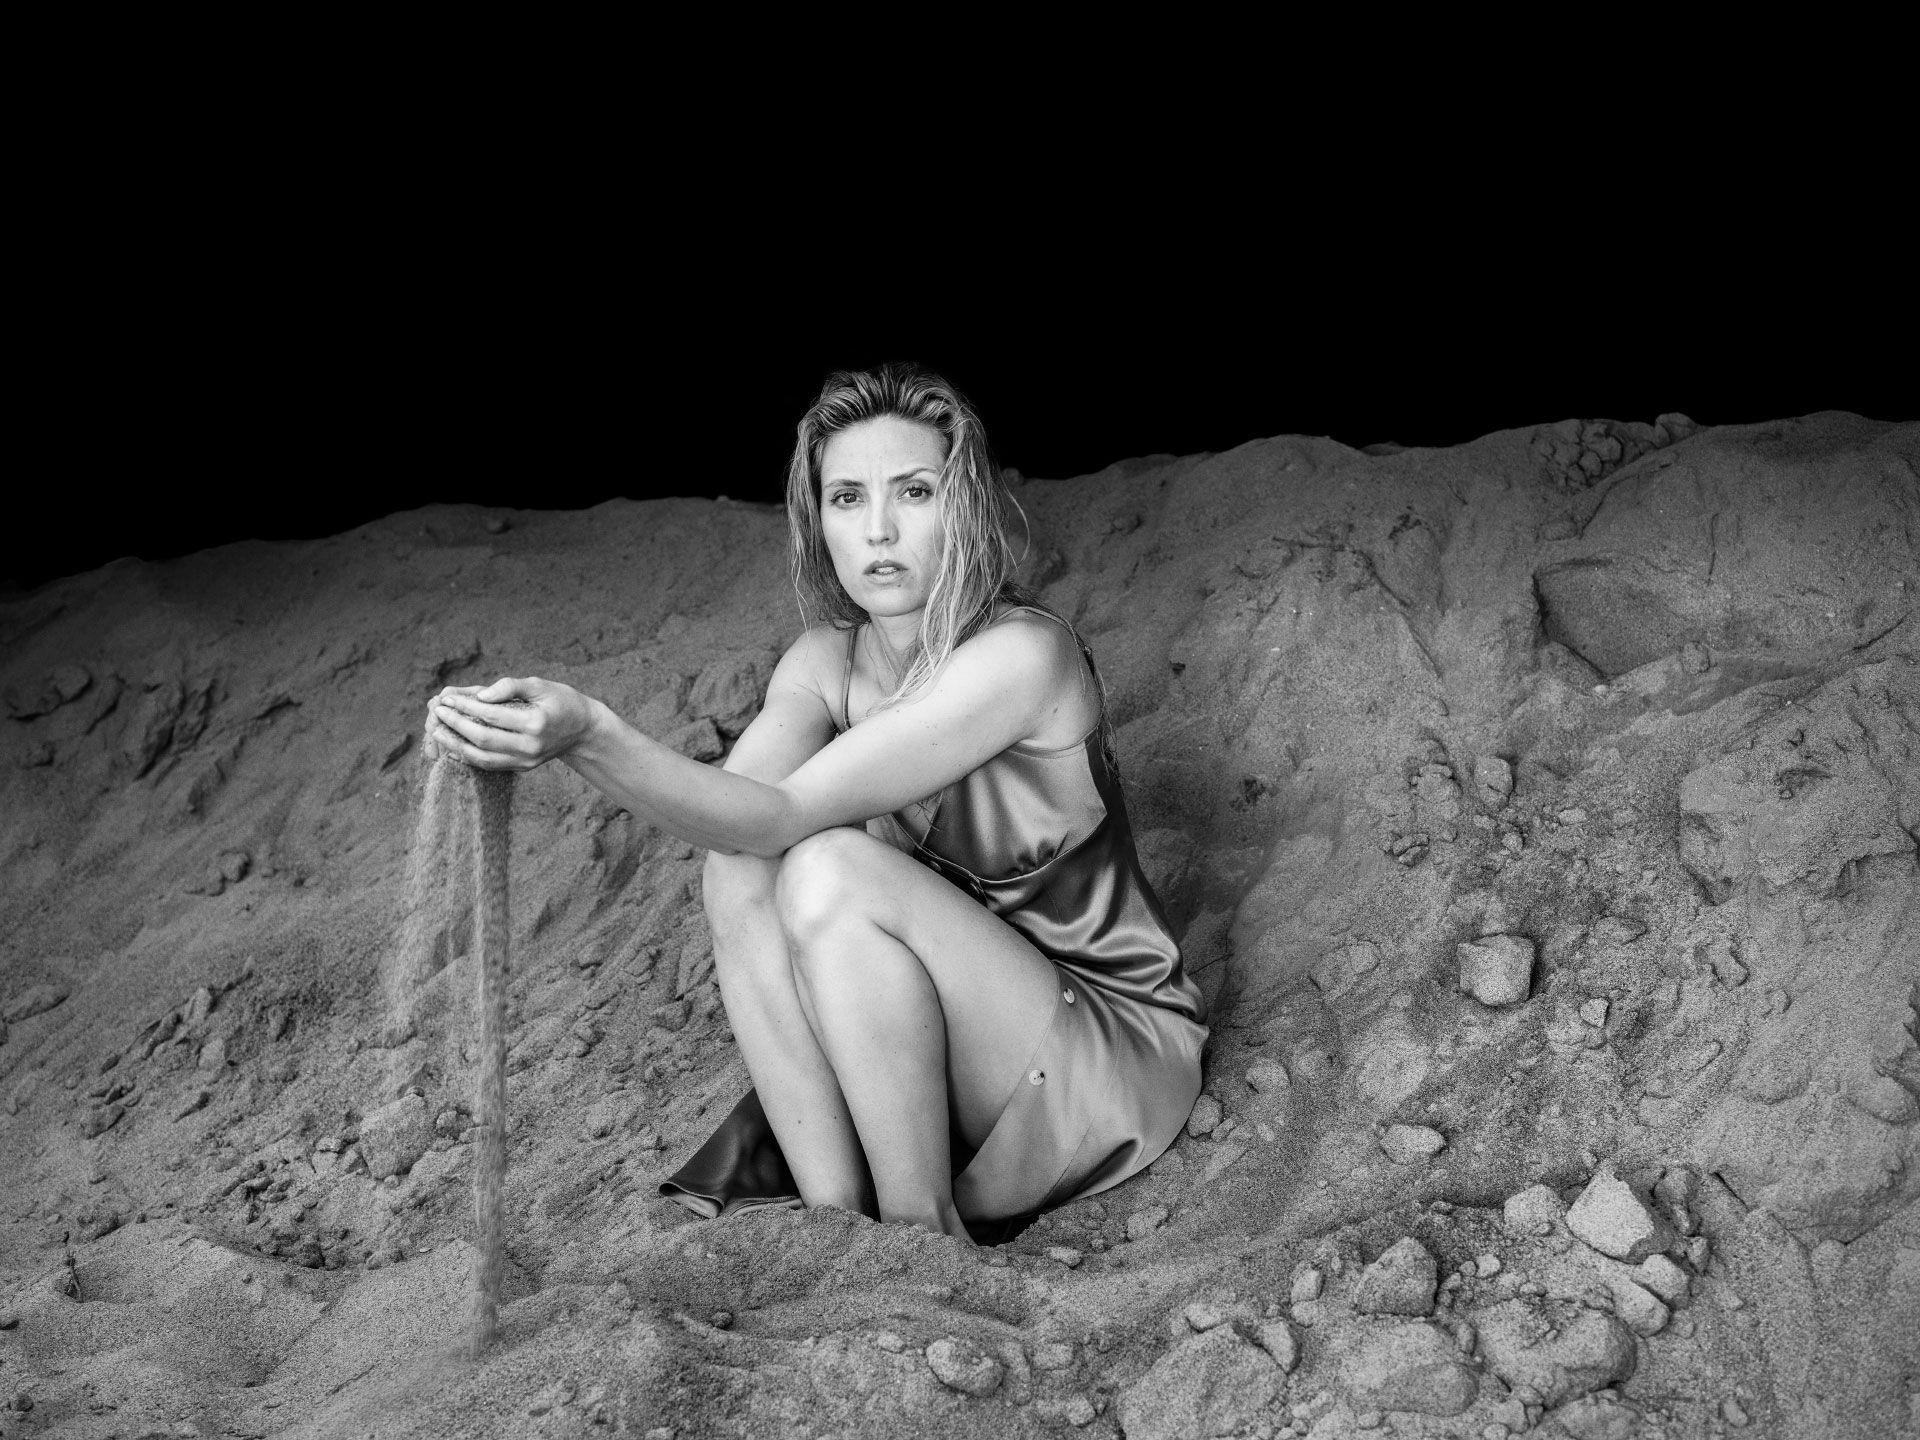 Evelyne Brochu sur un tas de sable portant une robe en soie dans l'obscurité.